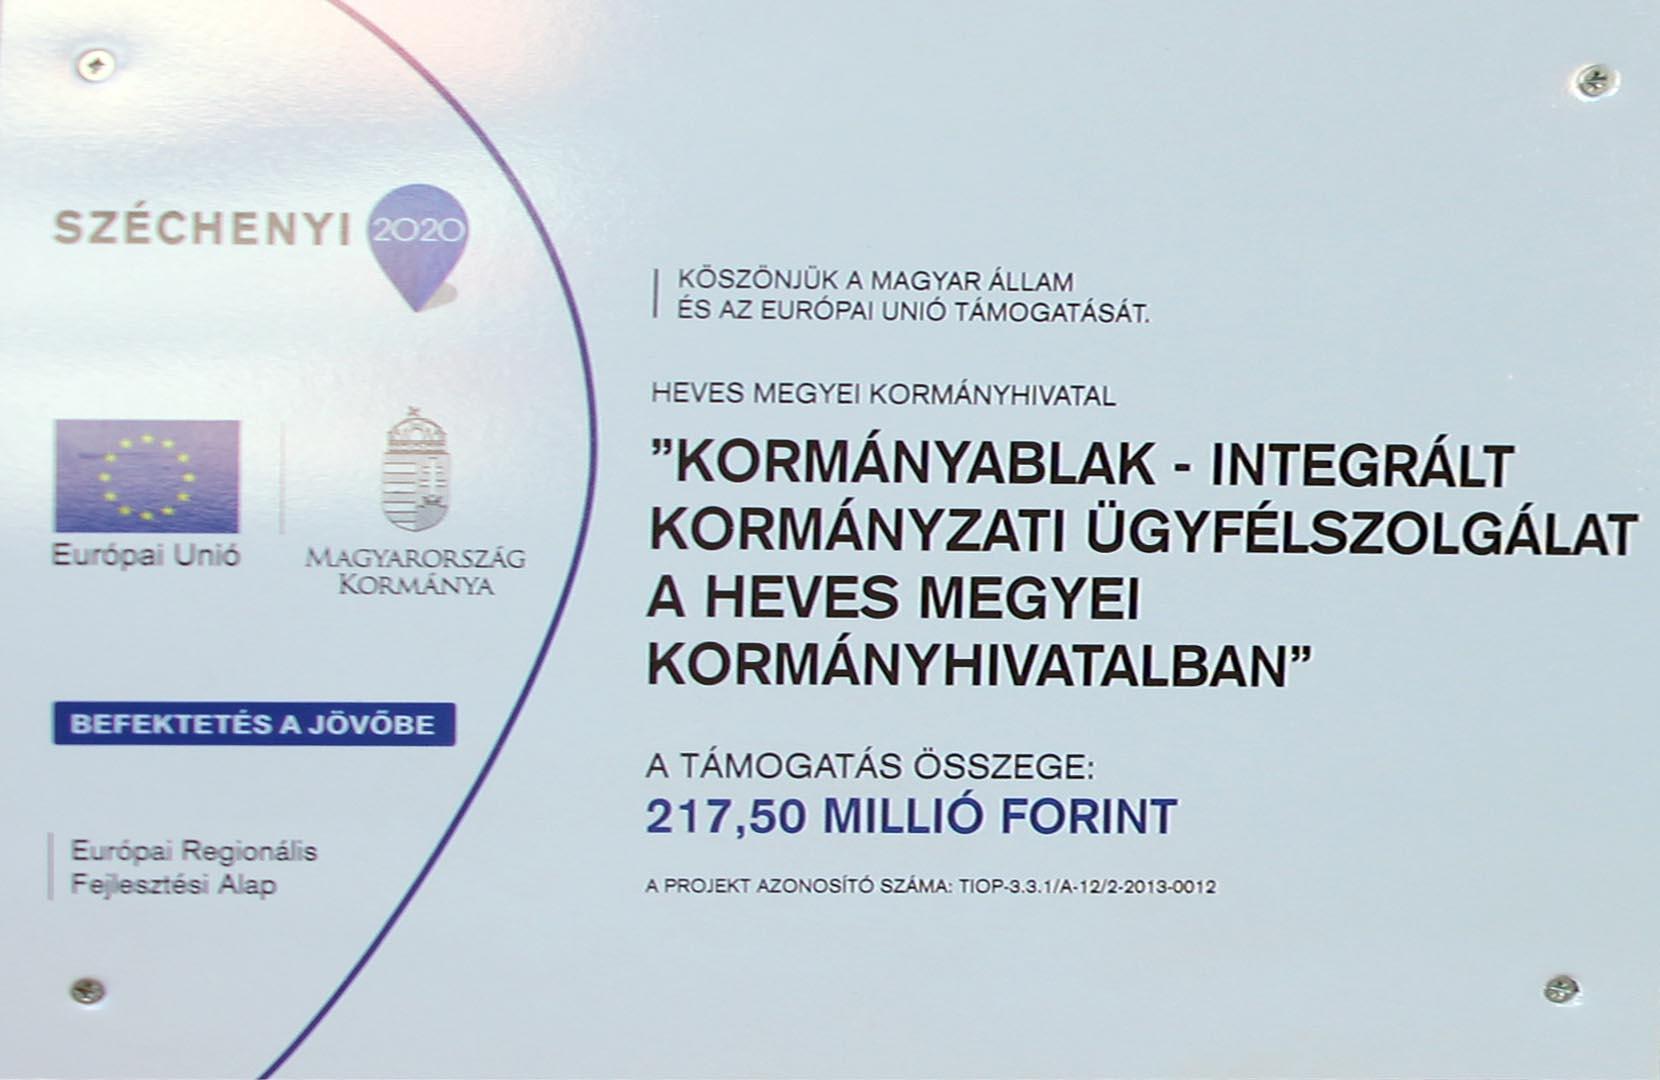 Kormányablak – Integrált kormányzati Ügyfélszolgálat a Heves  Megyei Kormányhivatalba